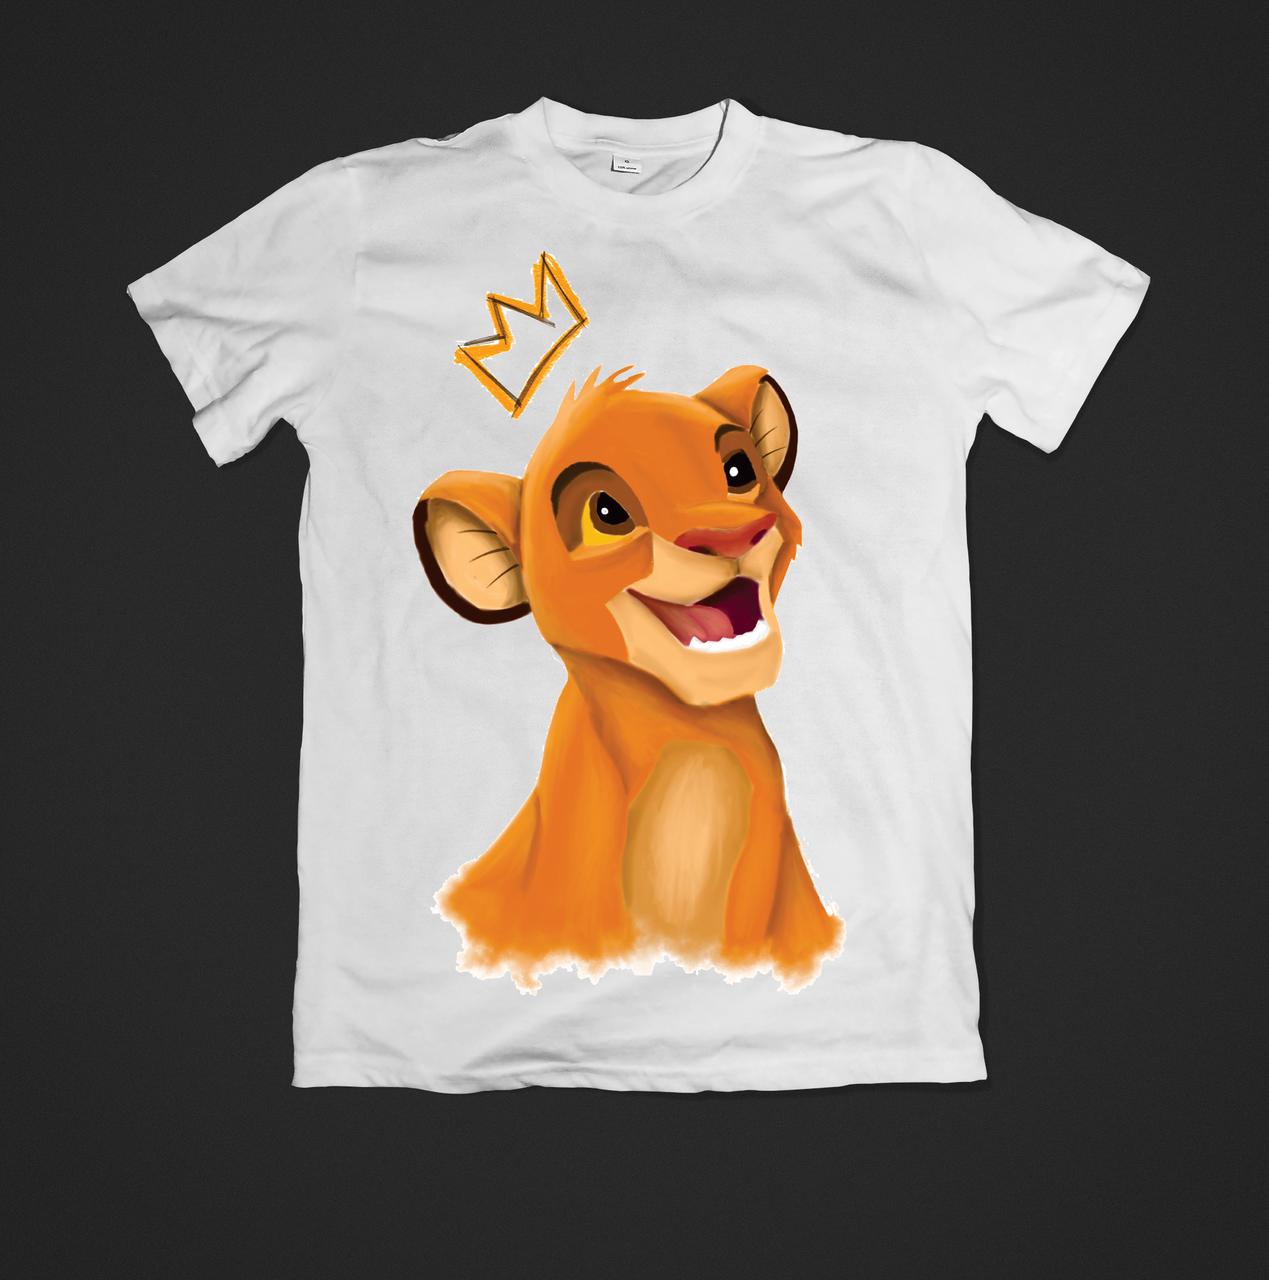 Футболка YOUstyle Lion King 0475 XL White